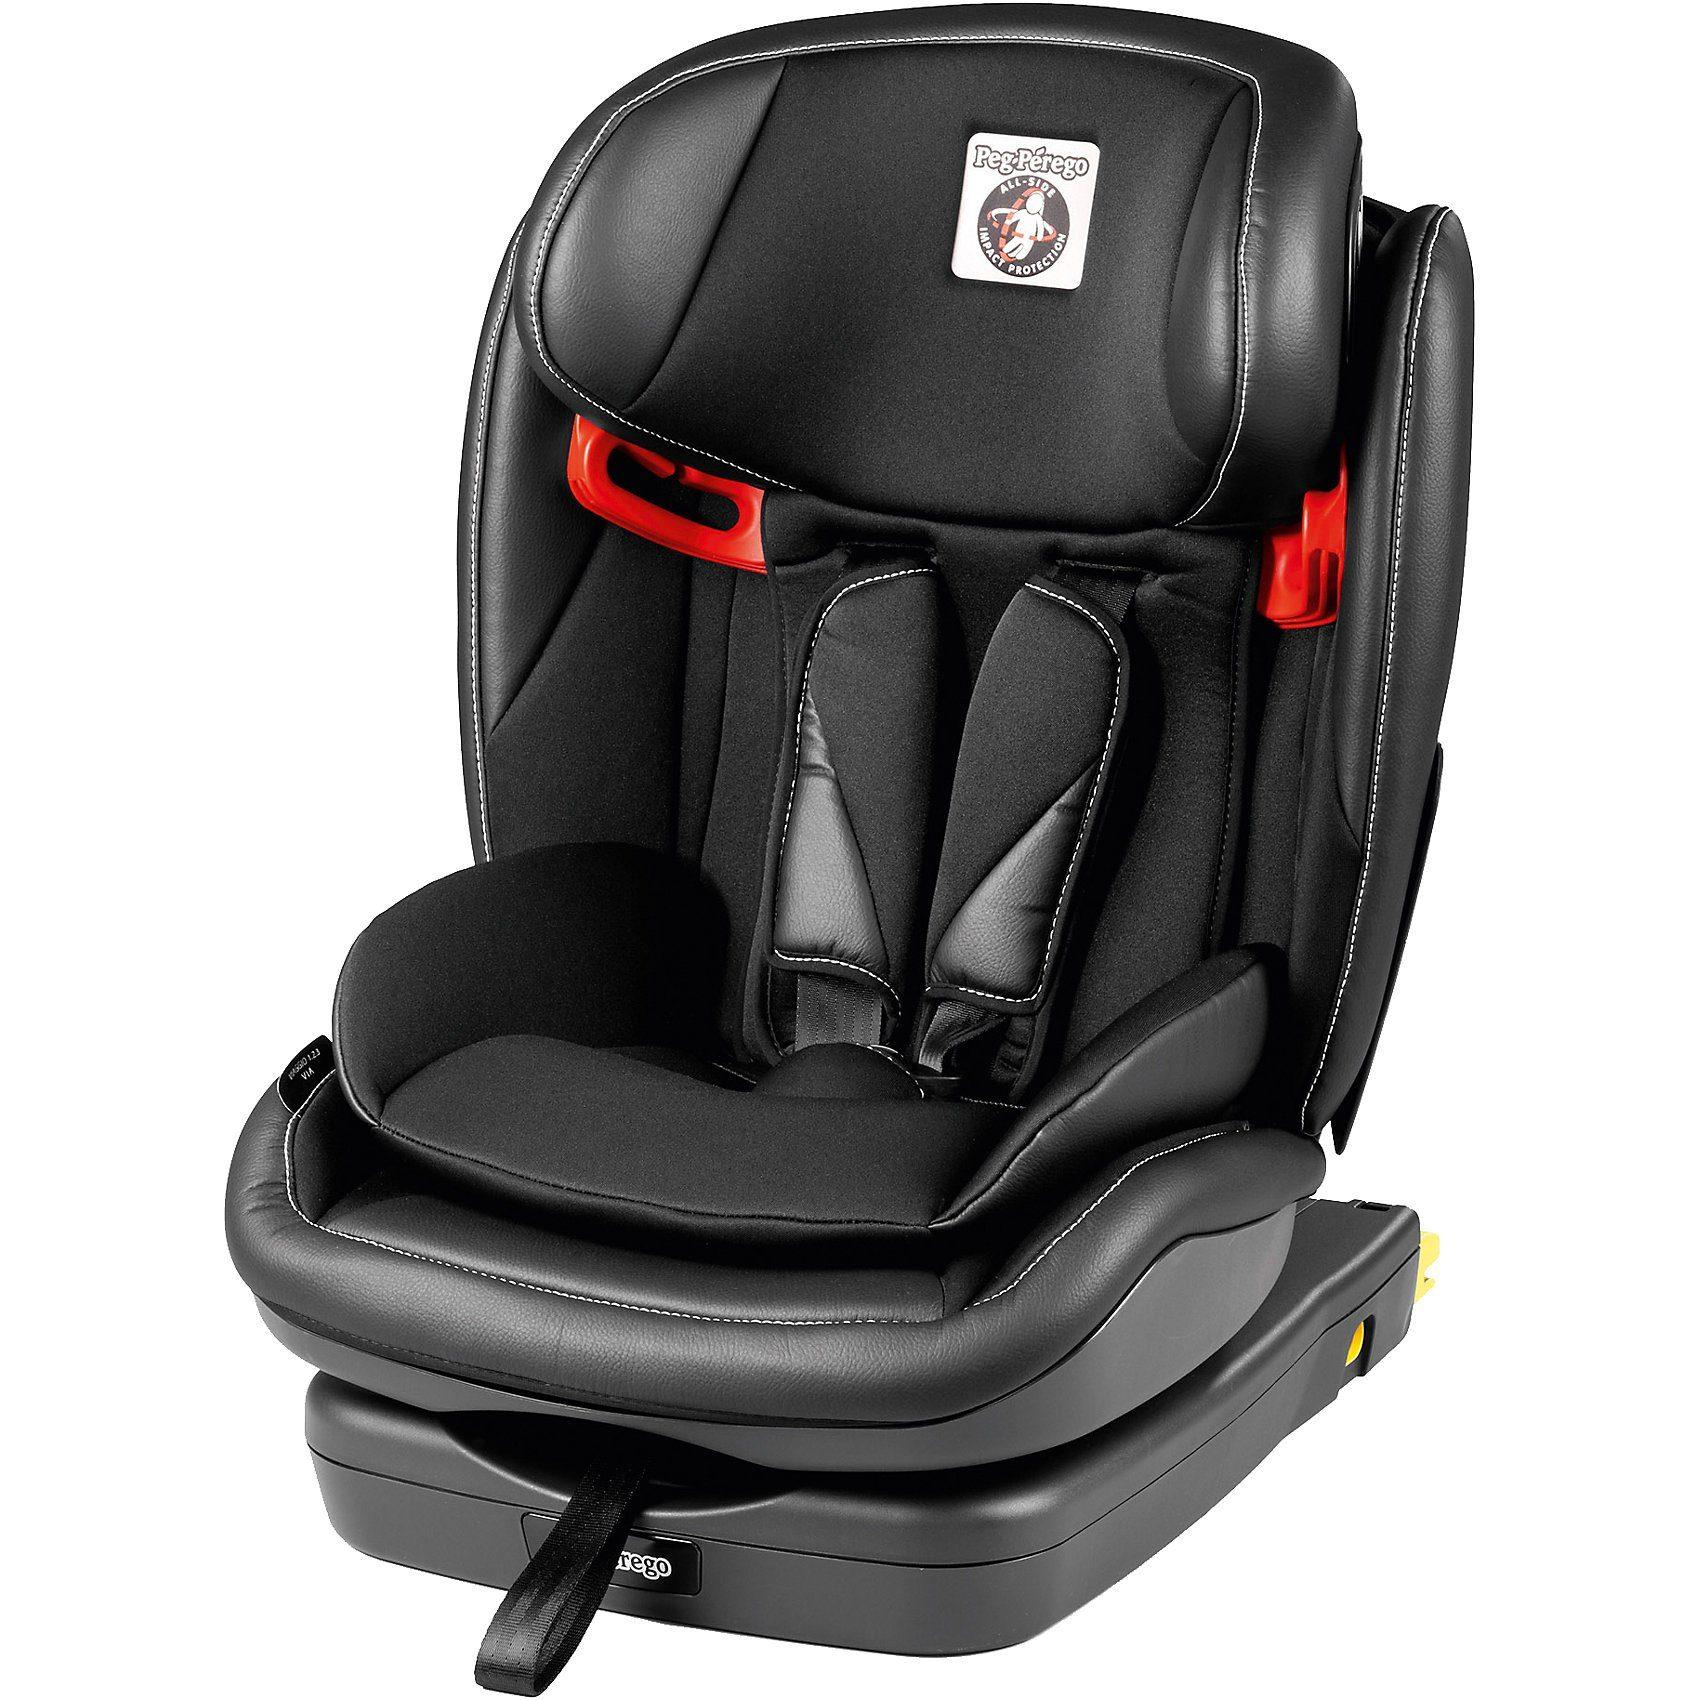 Peg Perego Auto-Kindersitz Viaggio 1-2-3 Via, Licorice, 2018